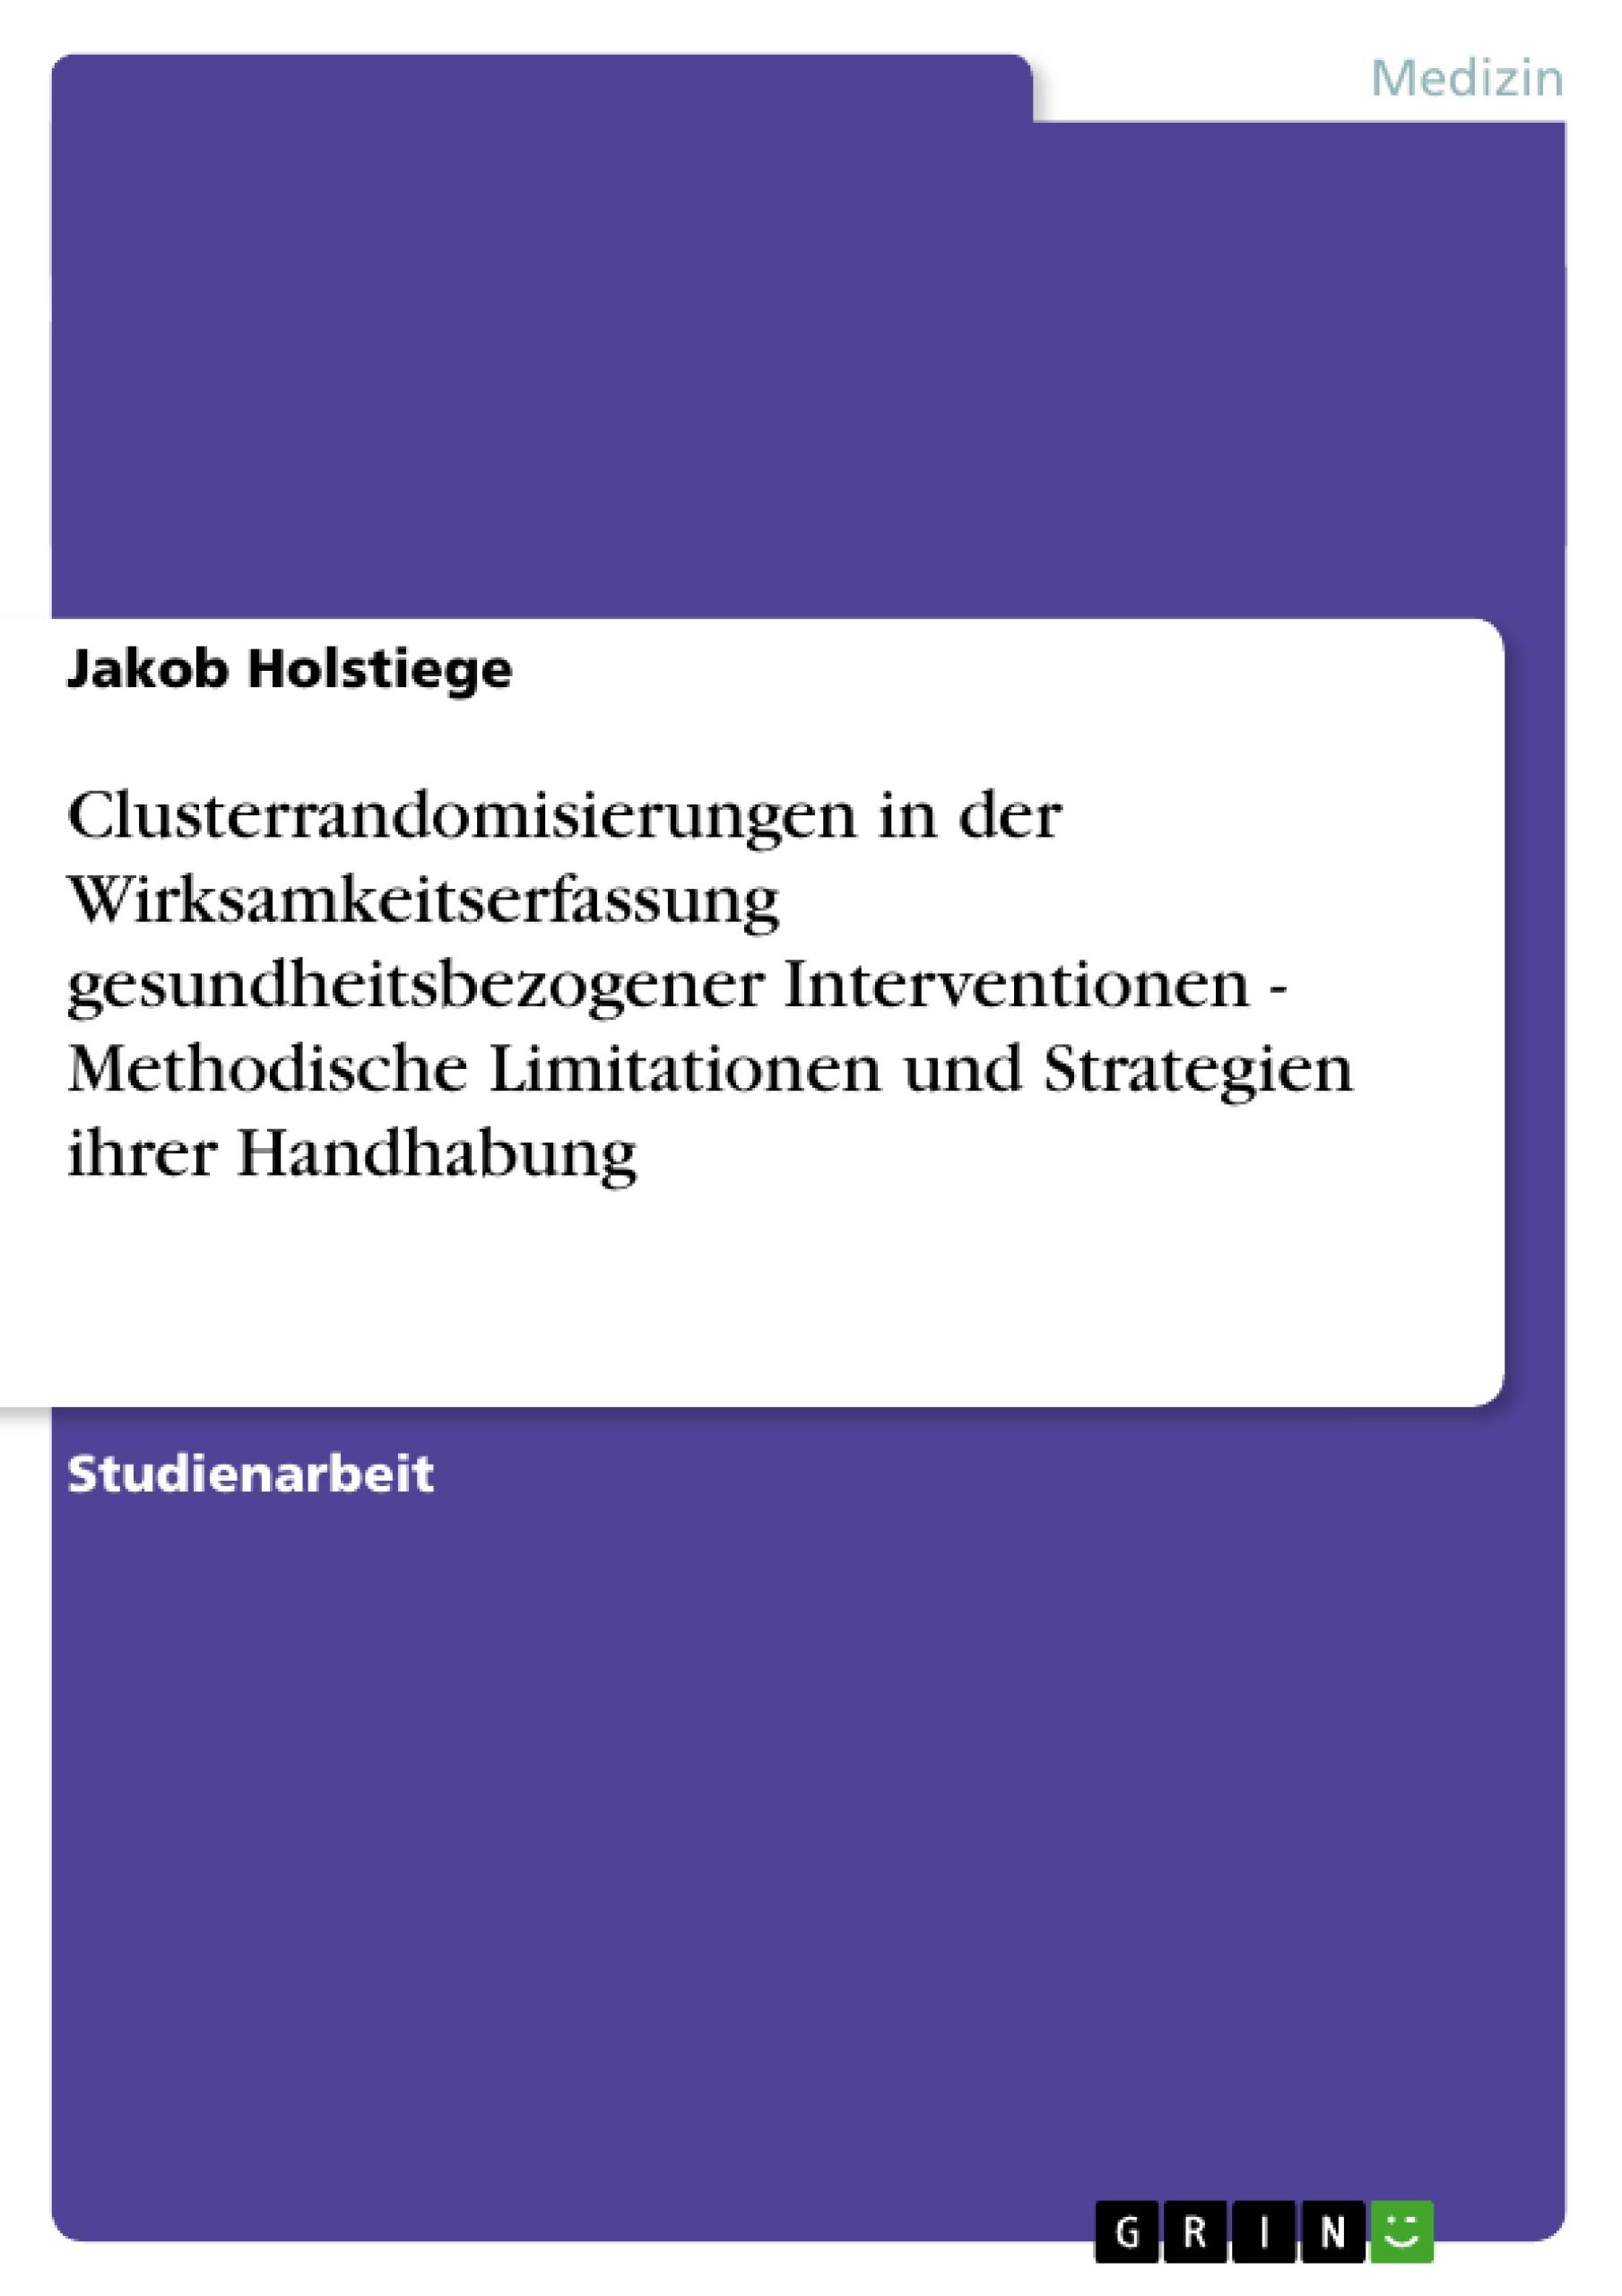 Titel: Clusterrandomisierungen in der Wirksamkeitserfassung gesundheitsbezogener Interventionen - Methodische Limitationen und Strategien ihrer Handhabung